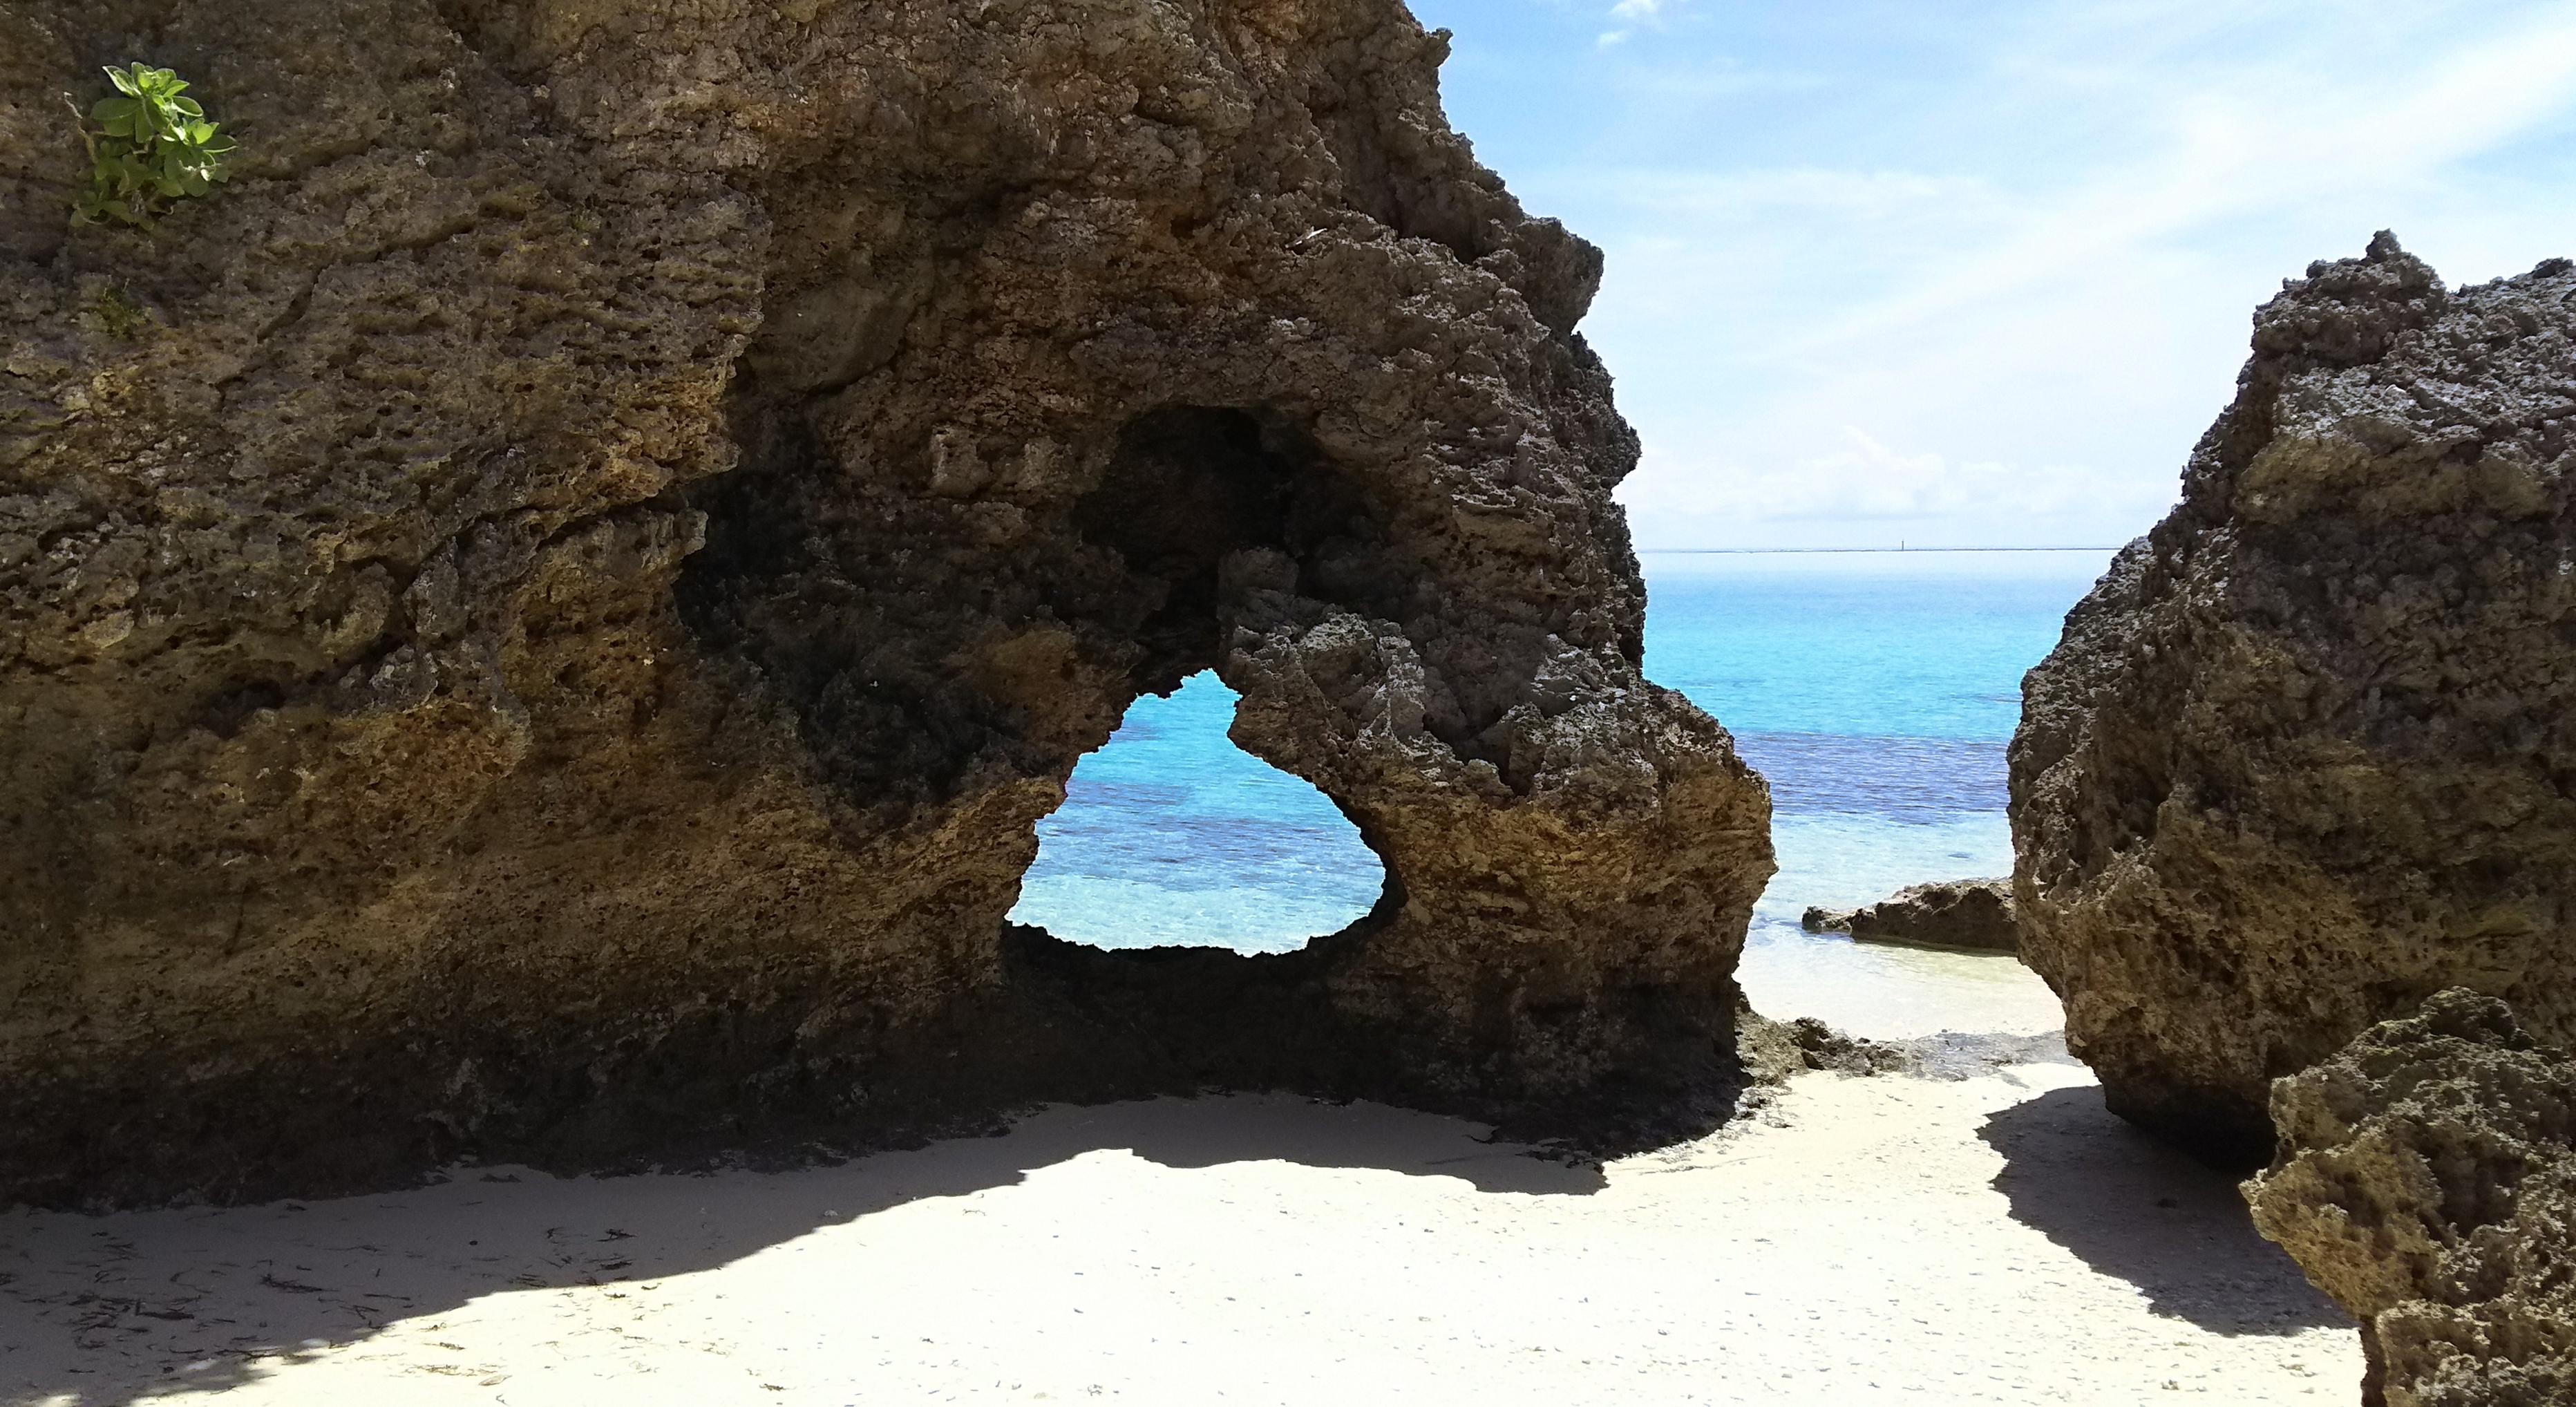 池間島のハート岩